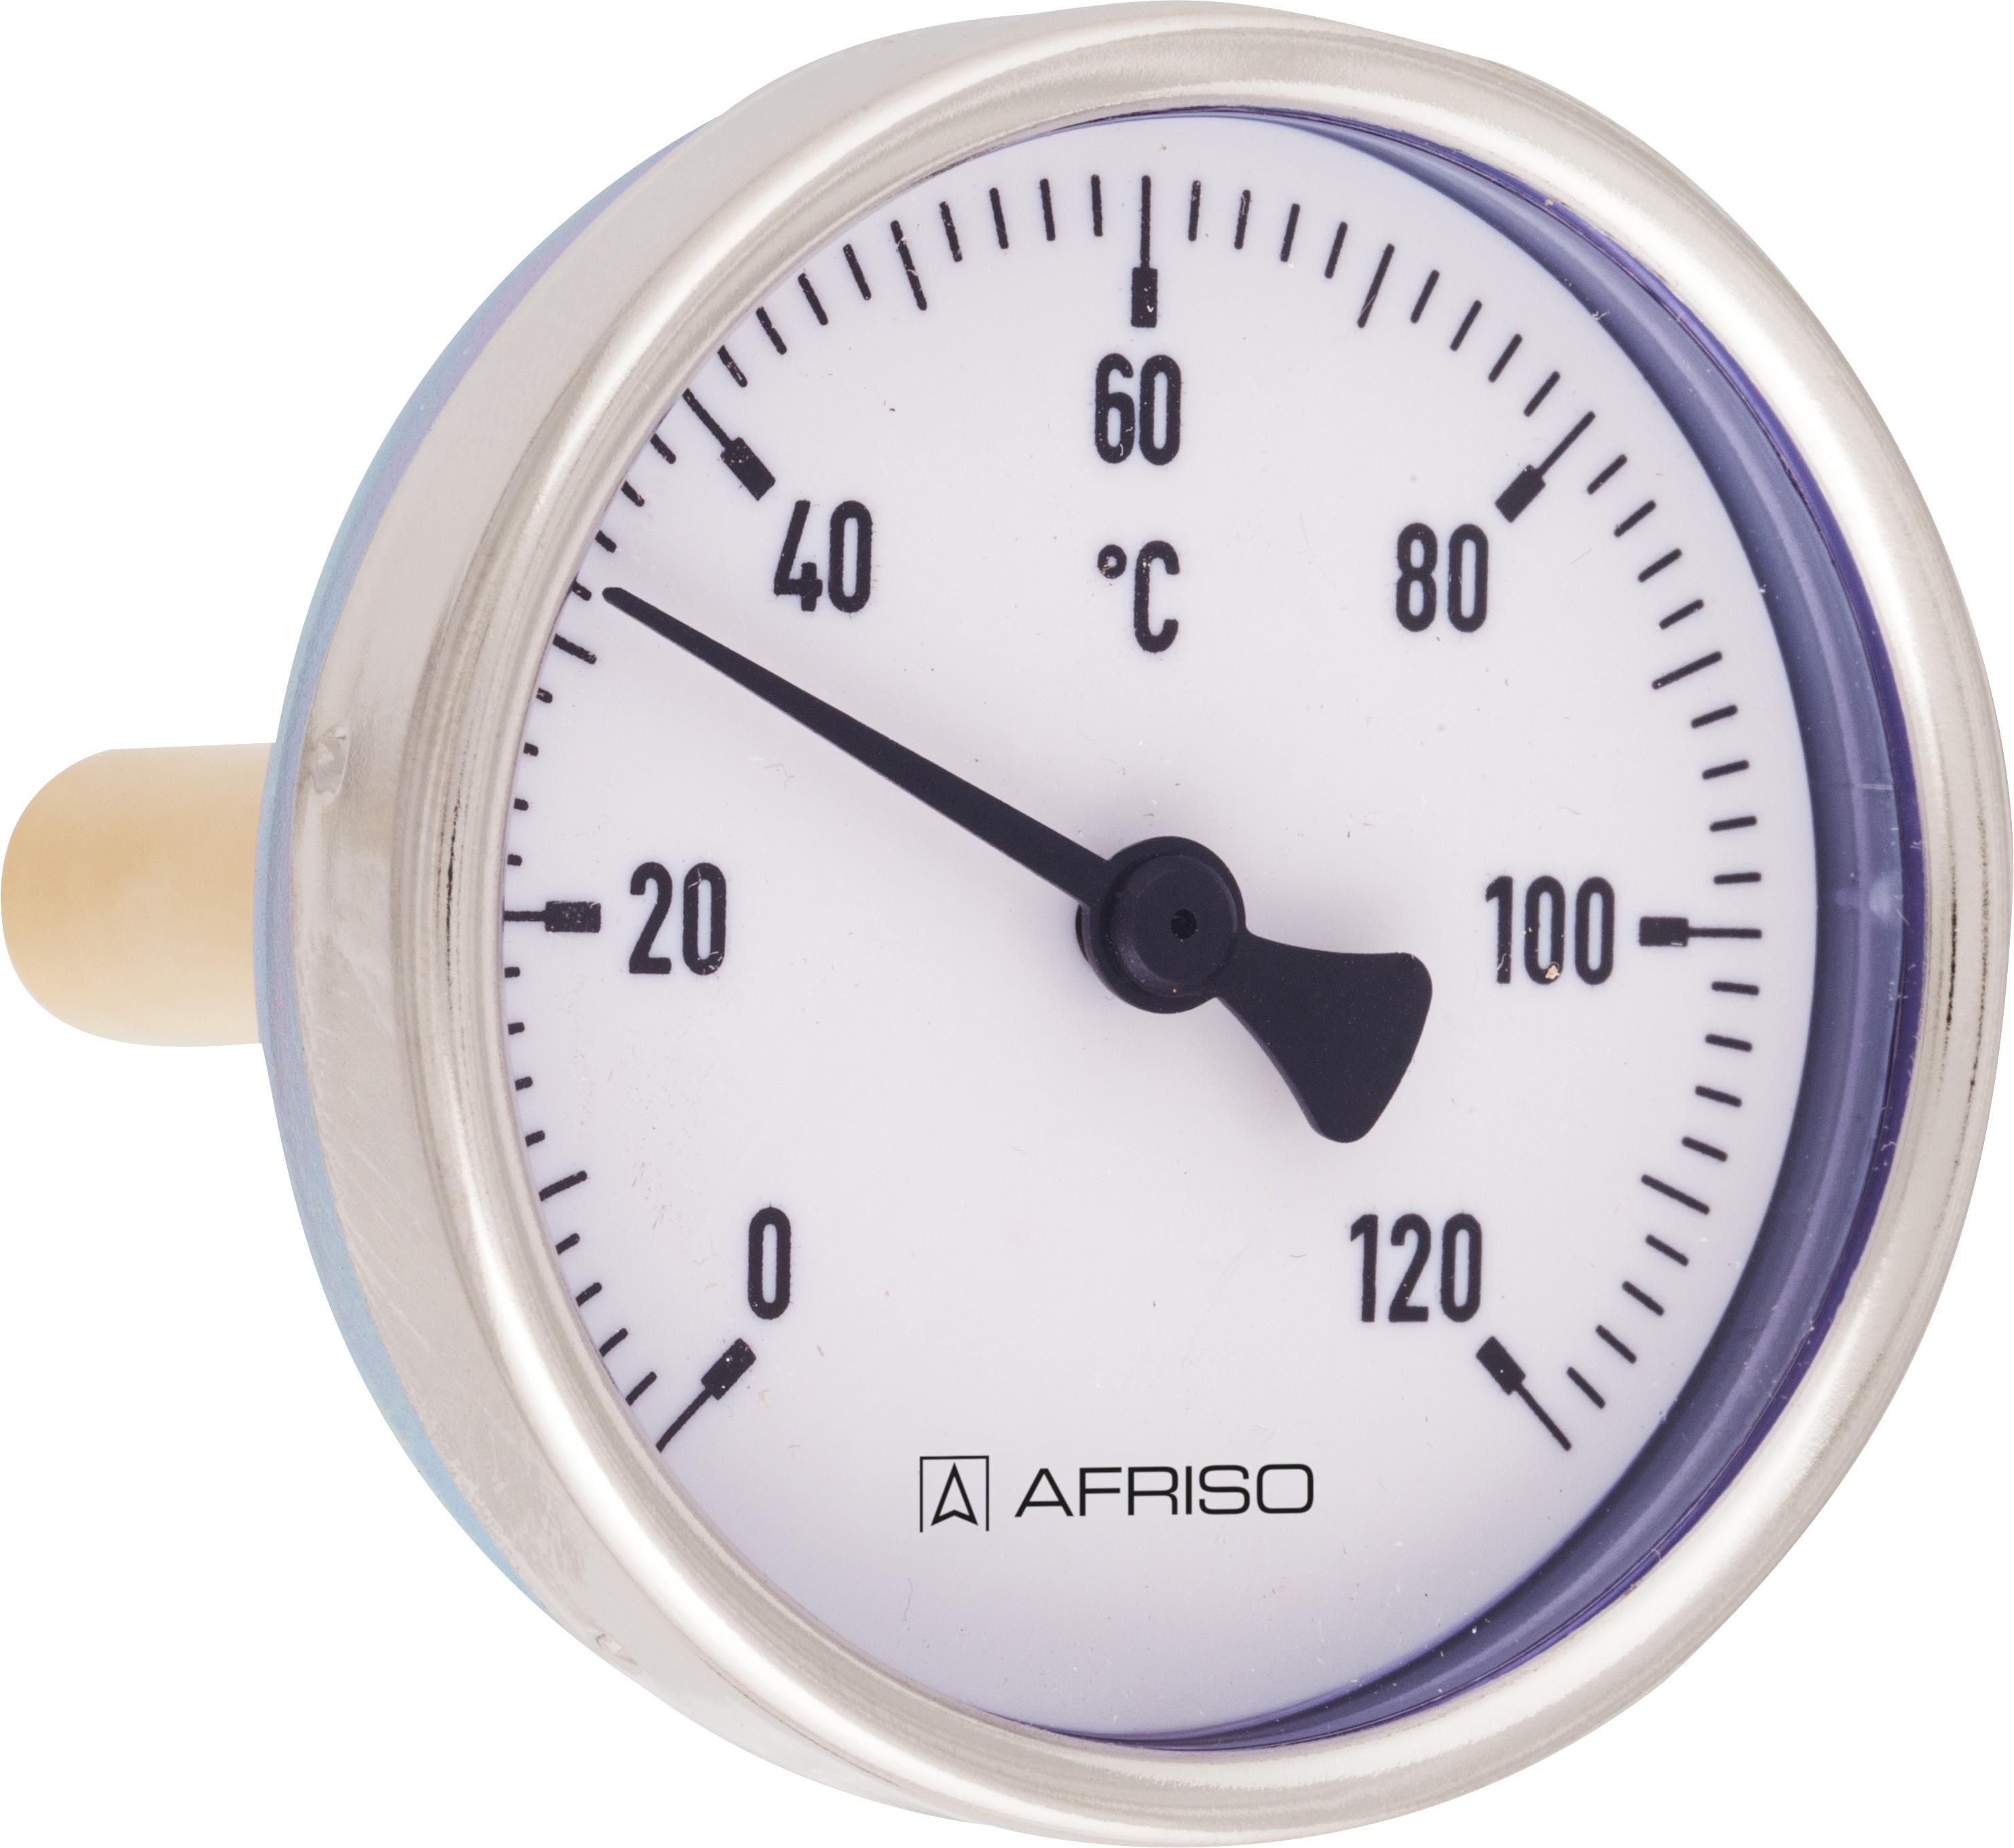 Termometr bimetaliczny BiTh 100 E, D312, fi100 mm, -20÷60°C, L 200 mm, ax, kl. 1